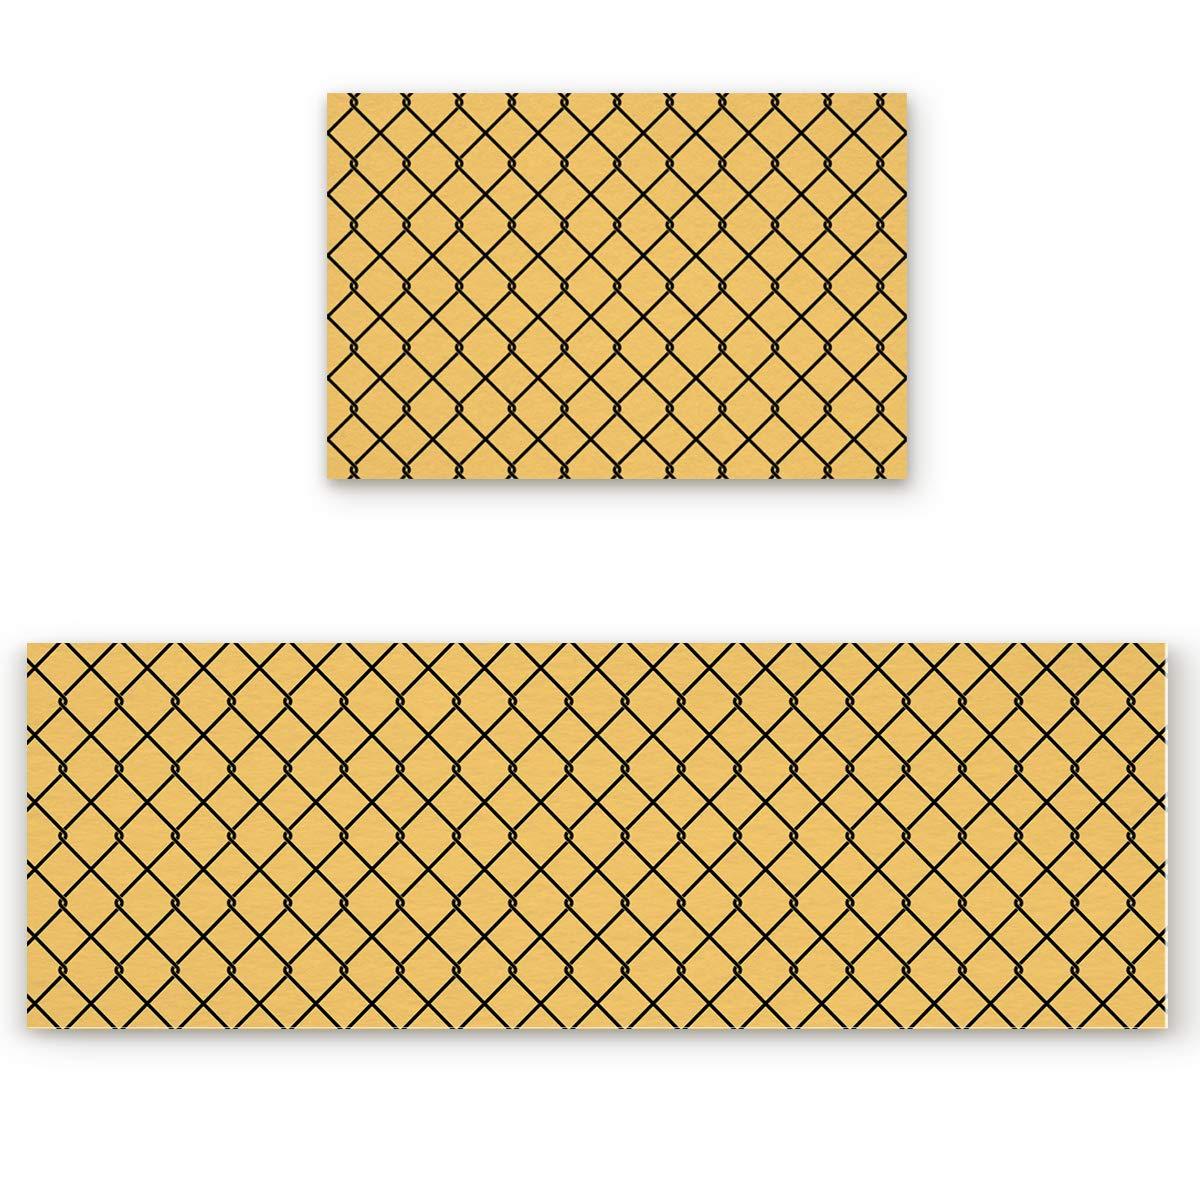 Geometry-032san1437 23.6 x35.4 +23.6 x70.9  Savannan 2 Piece Non-Slip Kitchen Bathroom Entrance Mat Absorbent Durable Floor Doormat Runner Rug Set - Pineapple